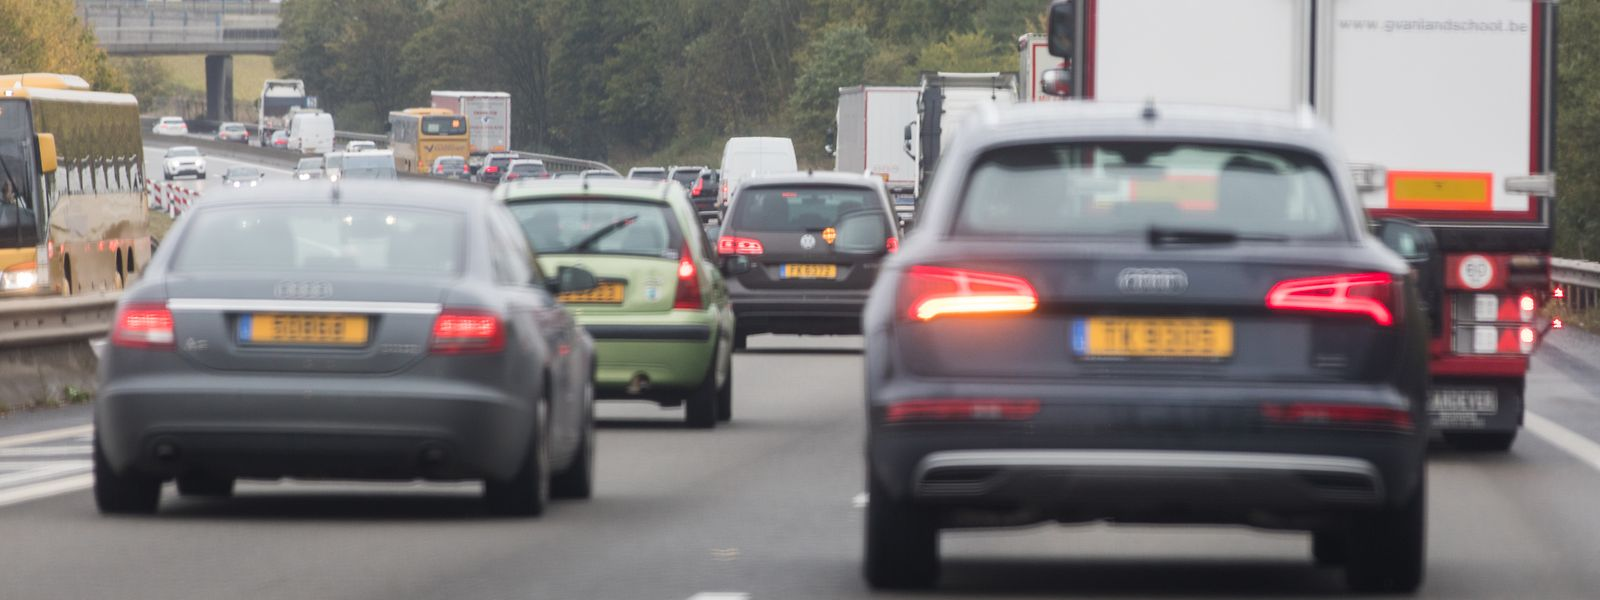 Es gibt triftige Gründe dafür, dass in Luxemburg so viele Berufstätige mit dem Auto zwischen Wohnort und Arbeitsplatz pendeln.